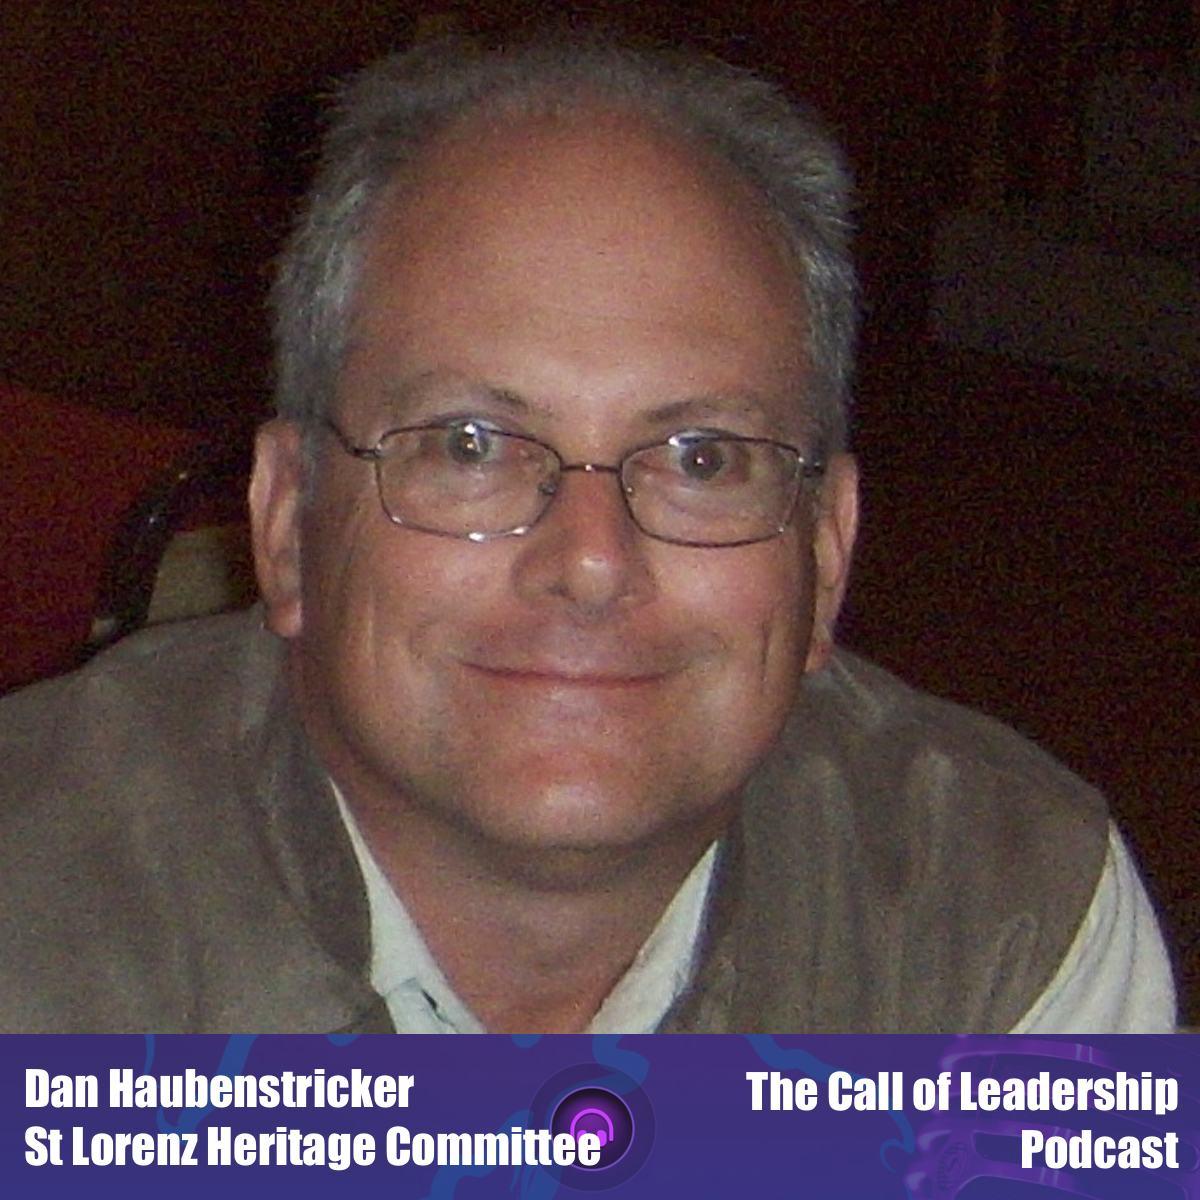 St Lorenz Heritage Committee Dan Haubenstricker